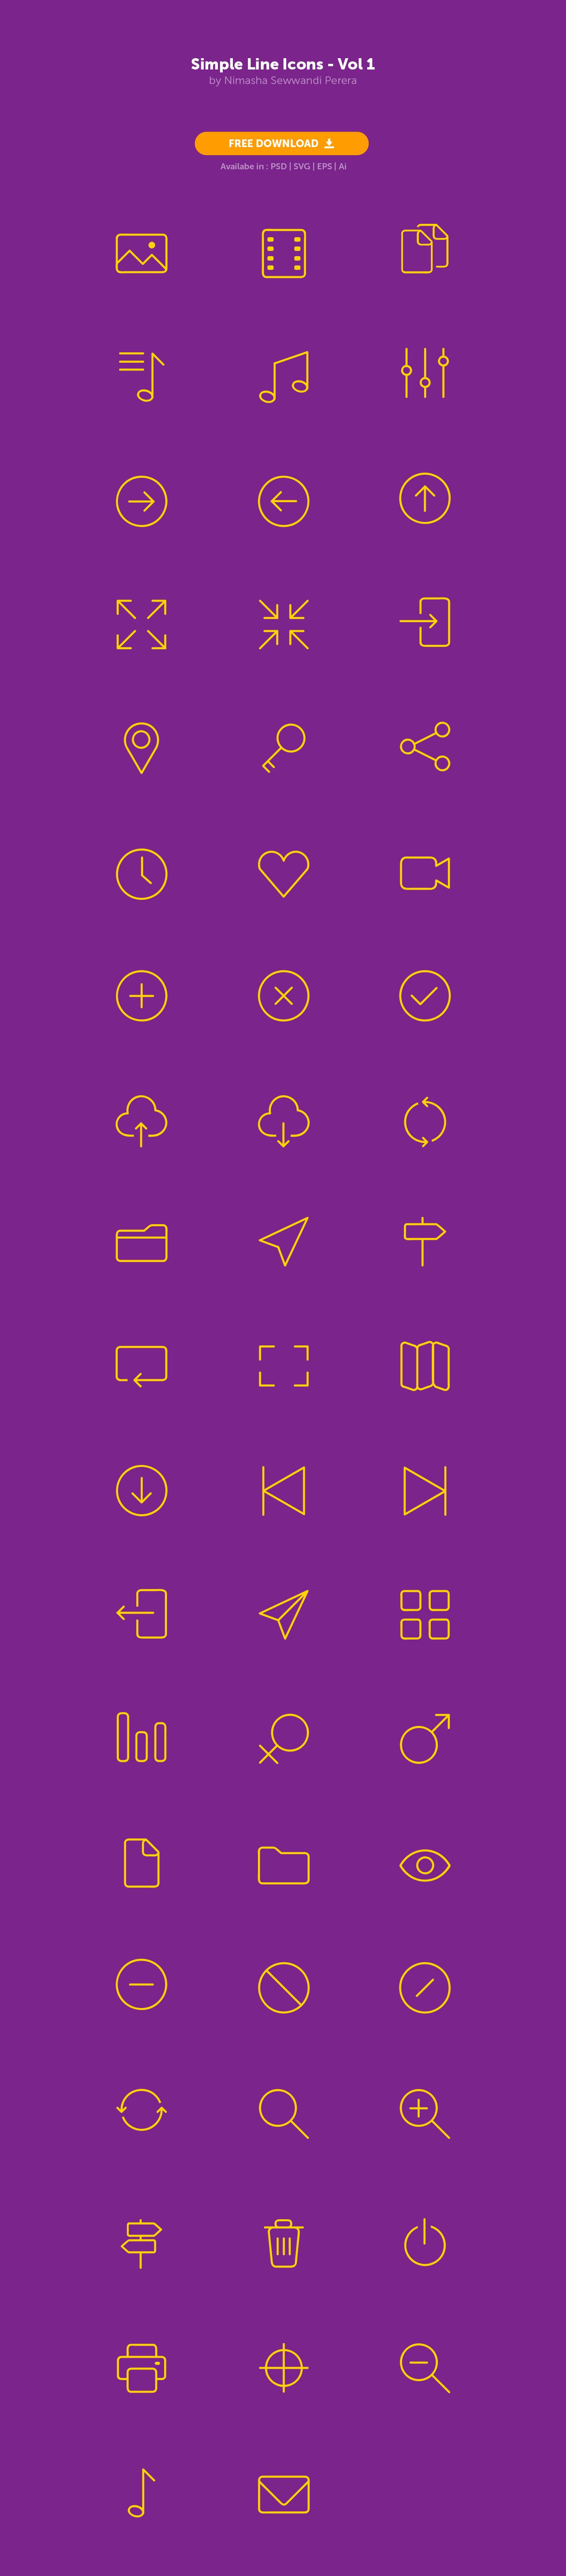 Simple Line Icons - Freebie - PSD Ai EPS SVG on Behance